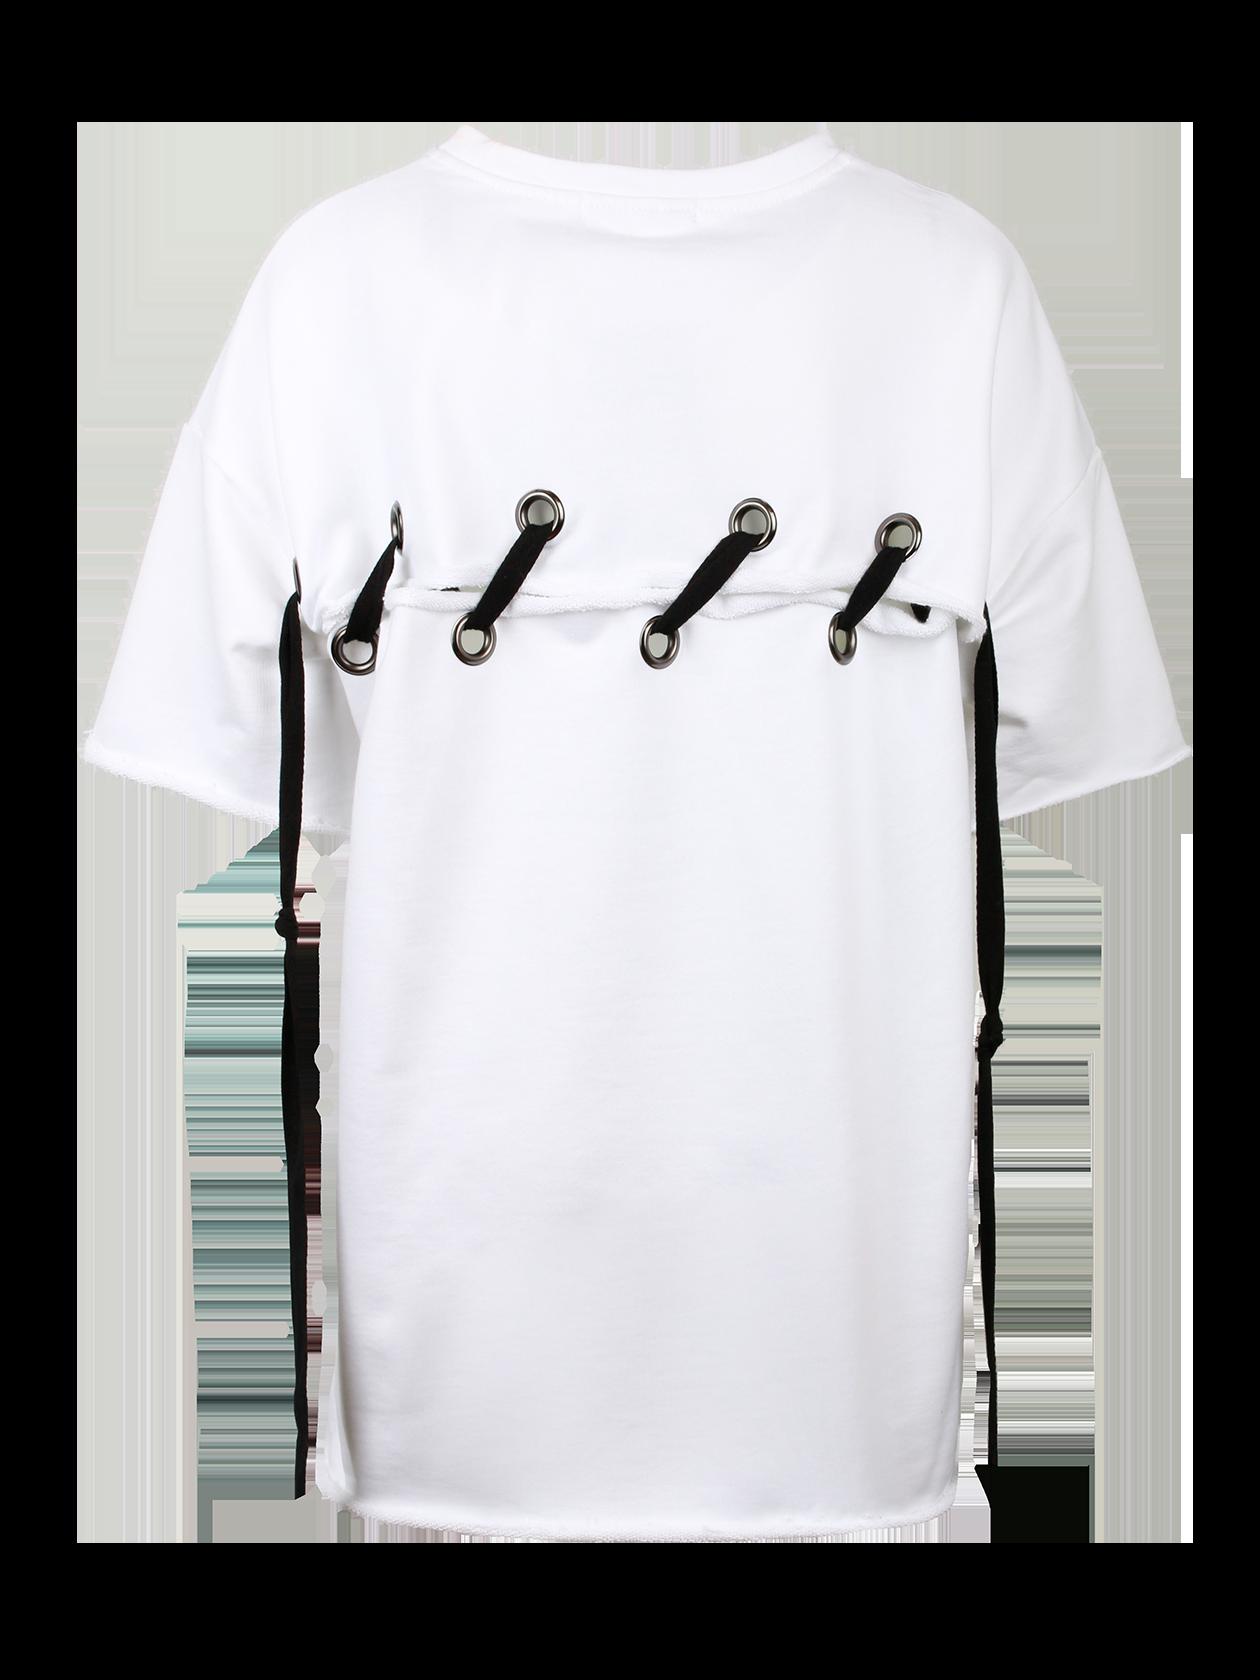 Платье женское HOT SUMMERЭффектное платье женское Hot Summer от бренда Black Star Wear поможет заметно выделиться из толпы. Cпущенная линия плеча переходит в широкий рукав длиной до локтя. Крой изделия прямой с оптимальной свободой прилегания. Горловина среднего размера глубины содержит жаккардовую нашивку Black Star Wear. Необычная фишка вещи – спина, состоящая из двух частей, соединенных между собой крупной черной шнуровкой. Платье изготовлено из премиального хлопка, представлено в бледно-розовой и белой расцветке.<br><br>Размер: L<br>Цвет: Белый<br>Пол: Женский